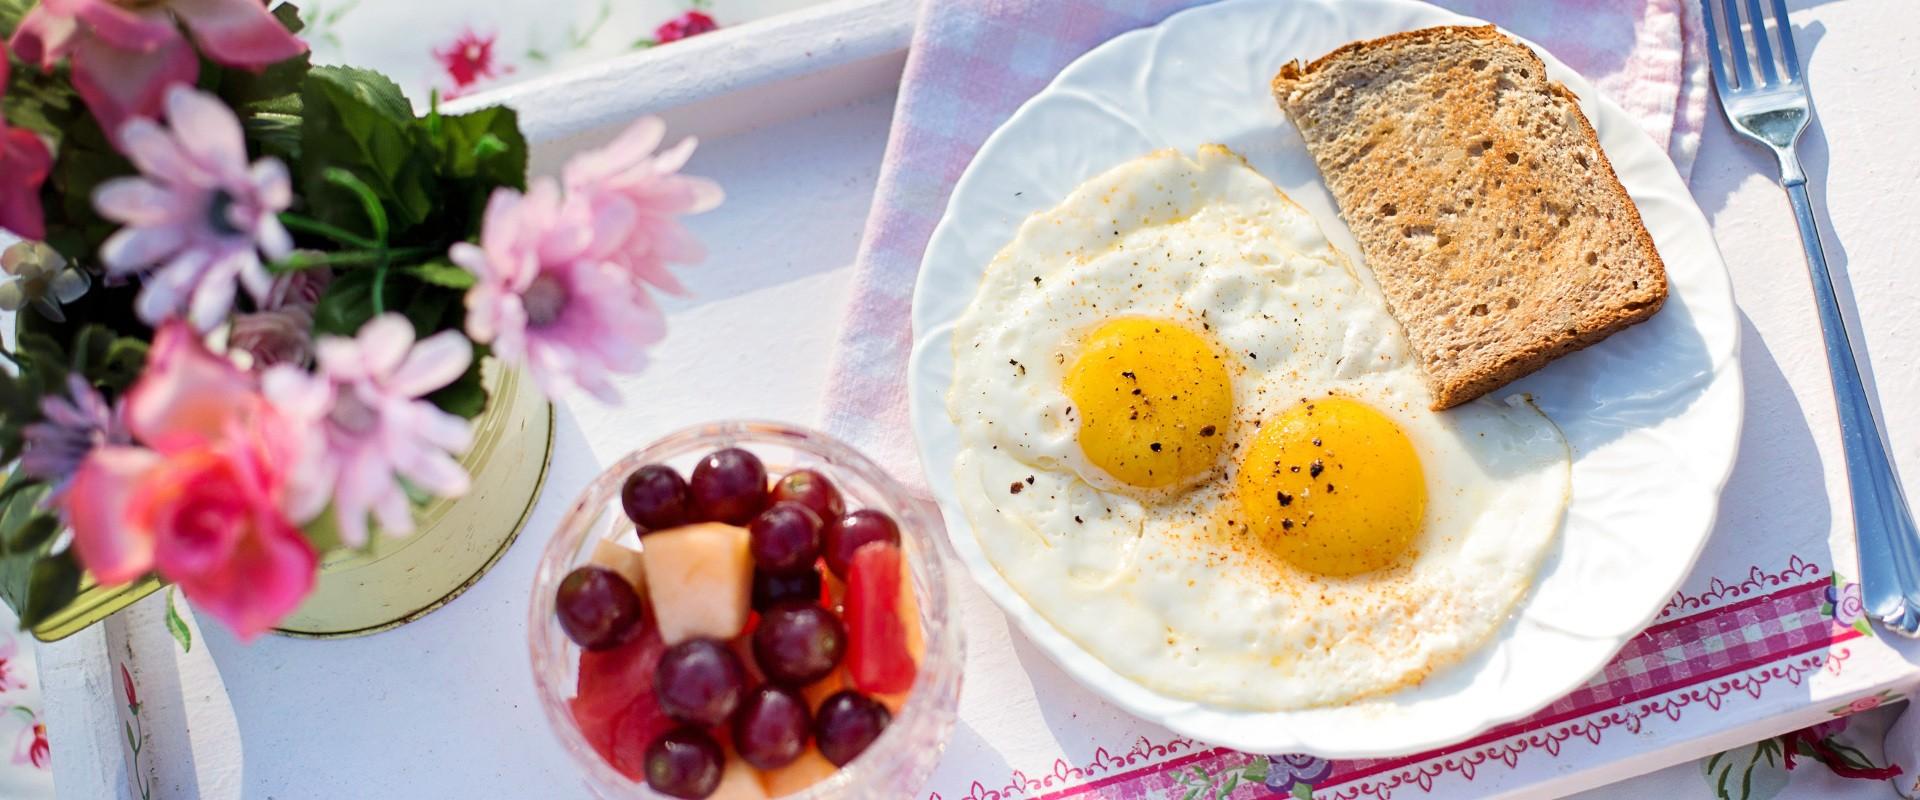 Foto: Frühstück mit Spiegeleiern